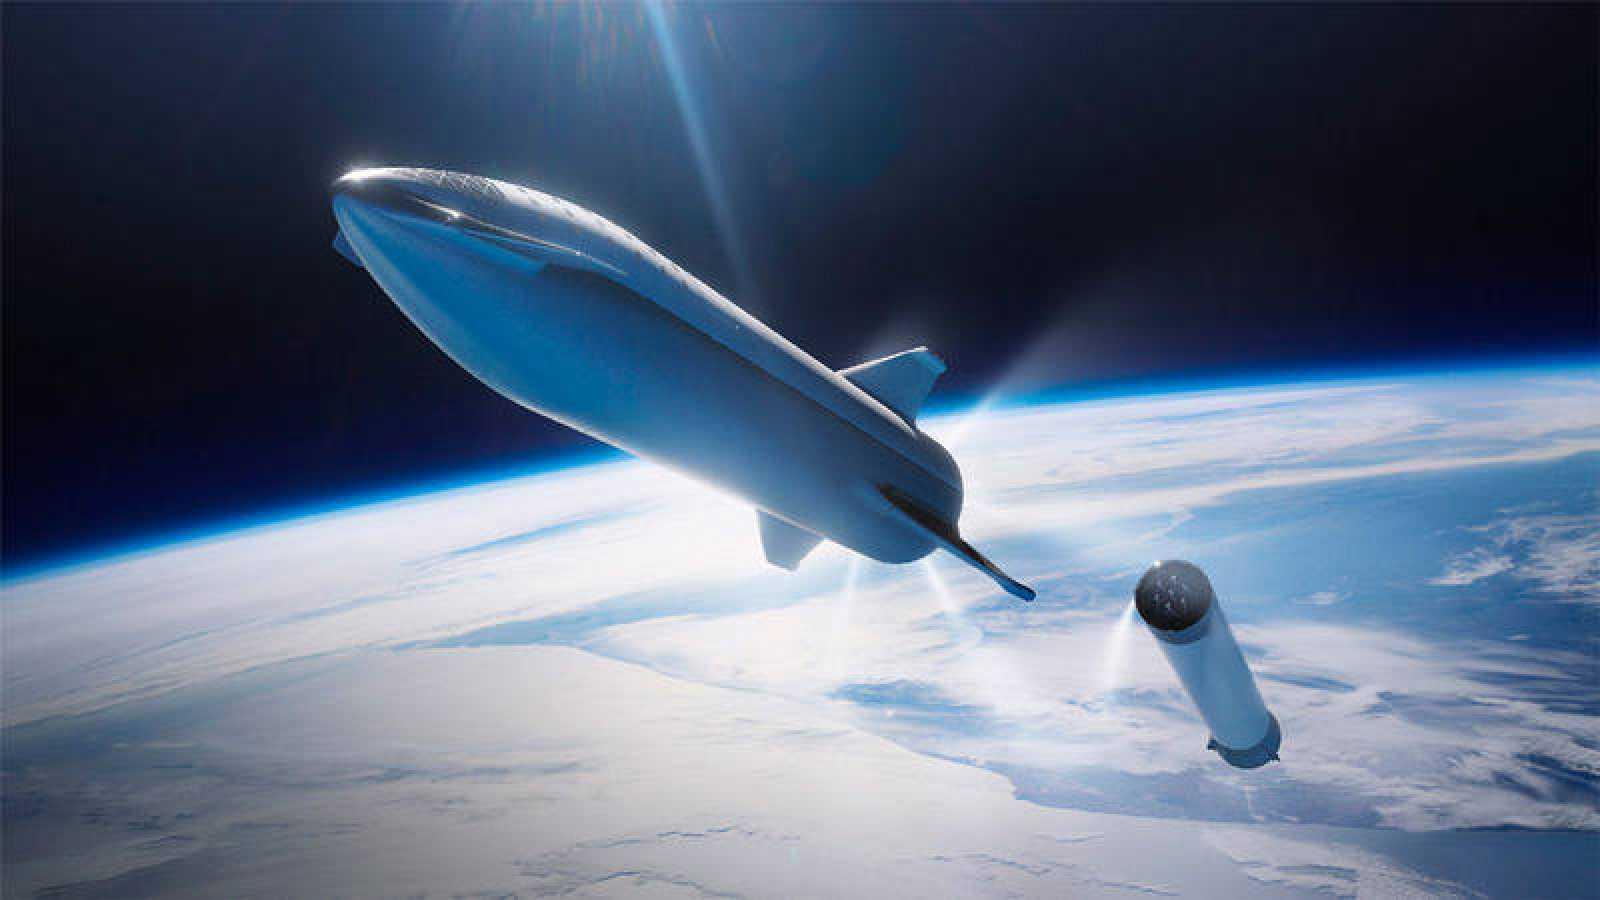 El objetivo de SpaceX es que la primera misión a Marte sea lanzada antes de 2022.